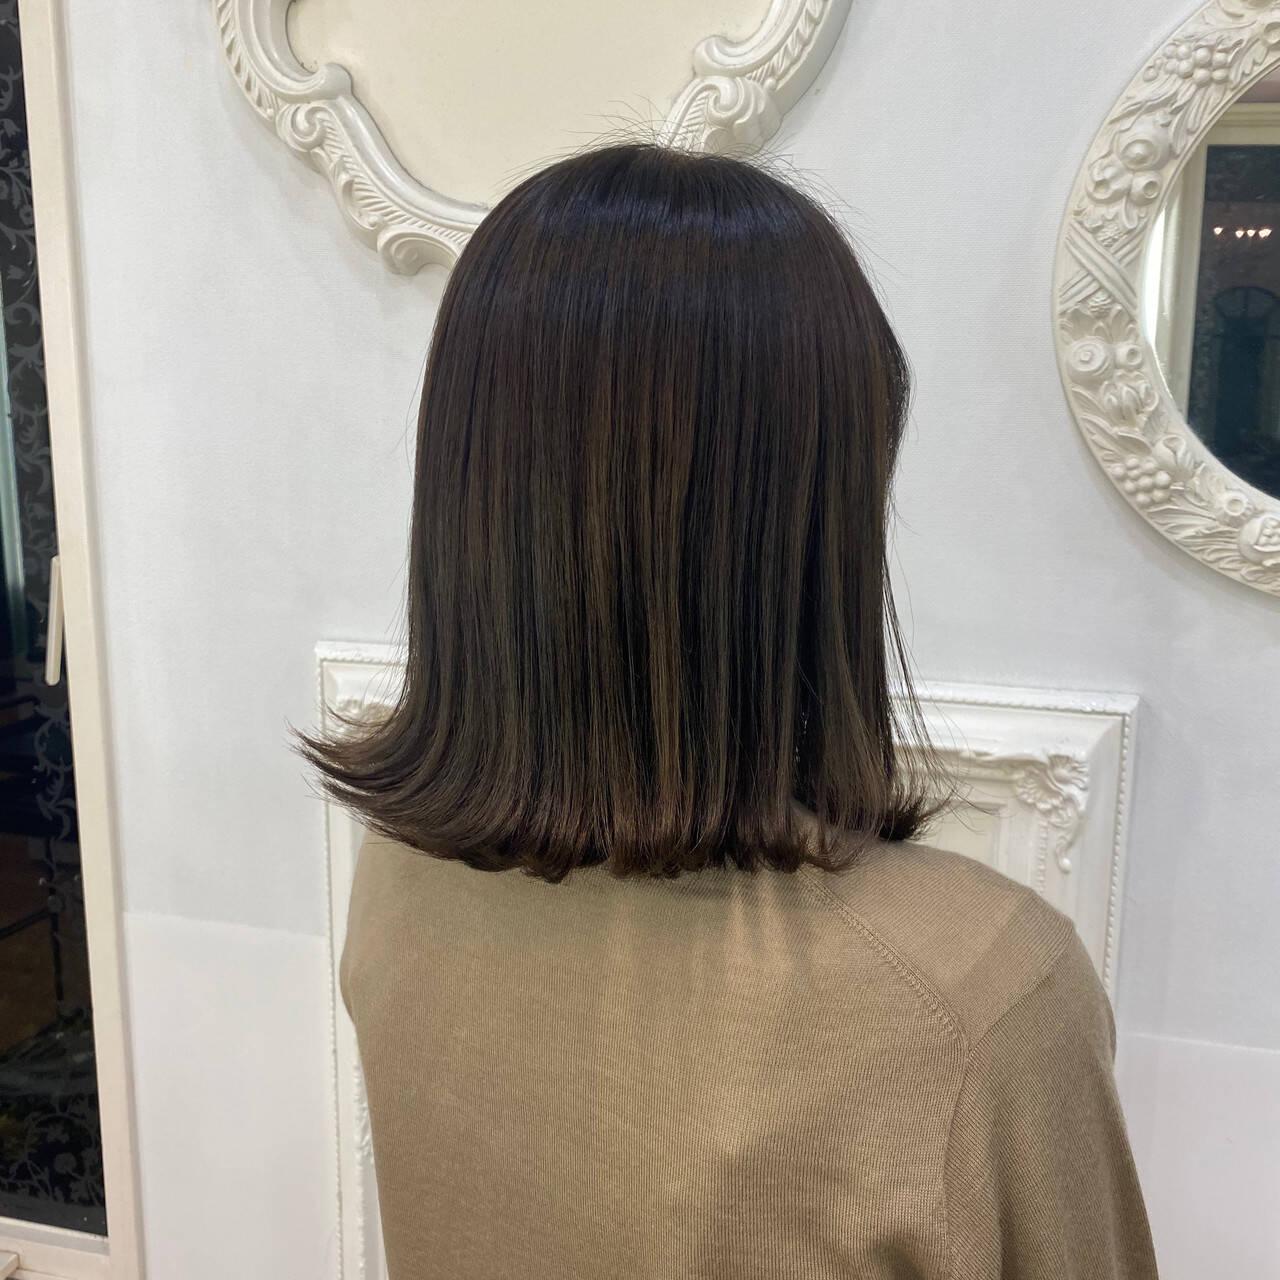 セミロング オリーブベージュ オリーブグレージュ ナチュラルヘアスタイルや髪型の写真・画像